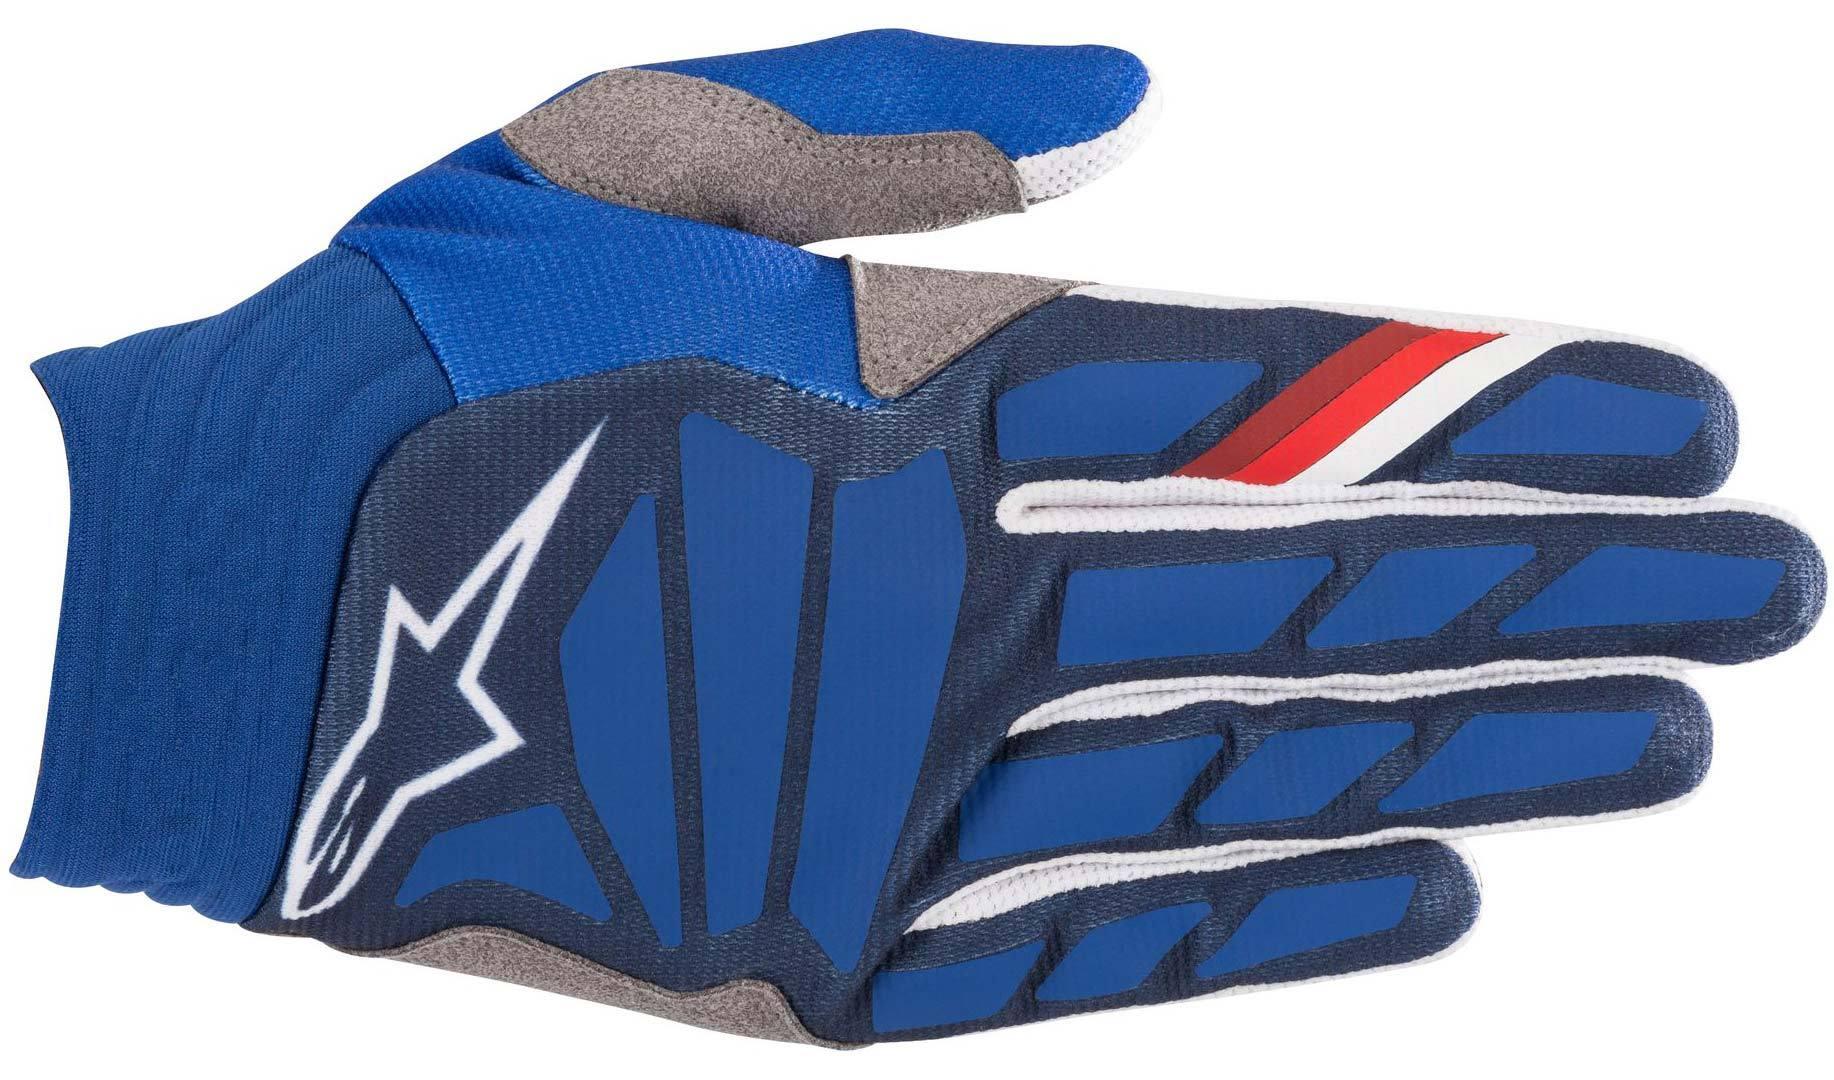 Alpinestars Aviator Motocross Gloves White Blue 2XL